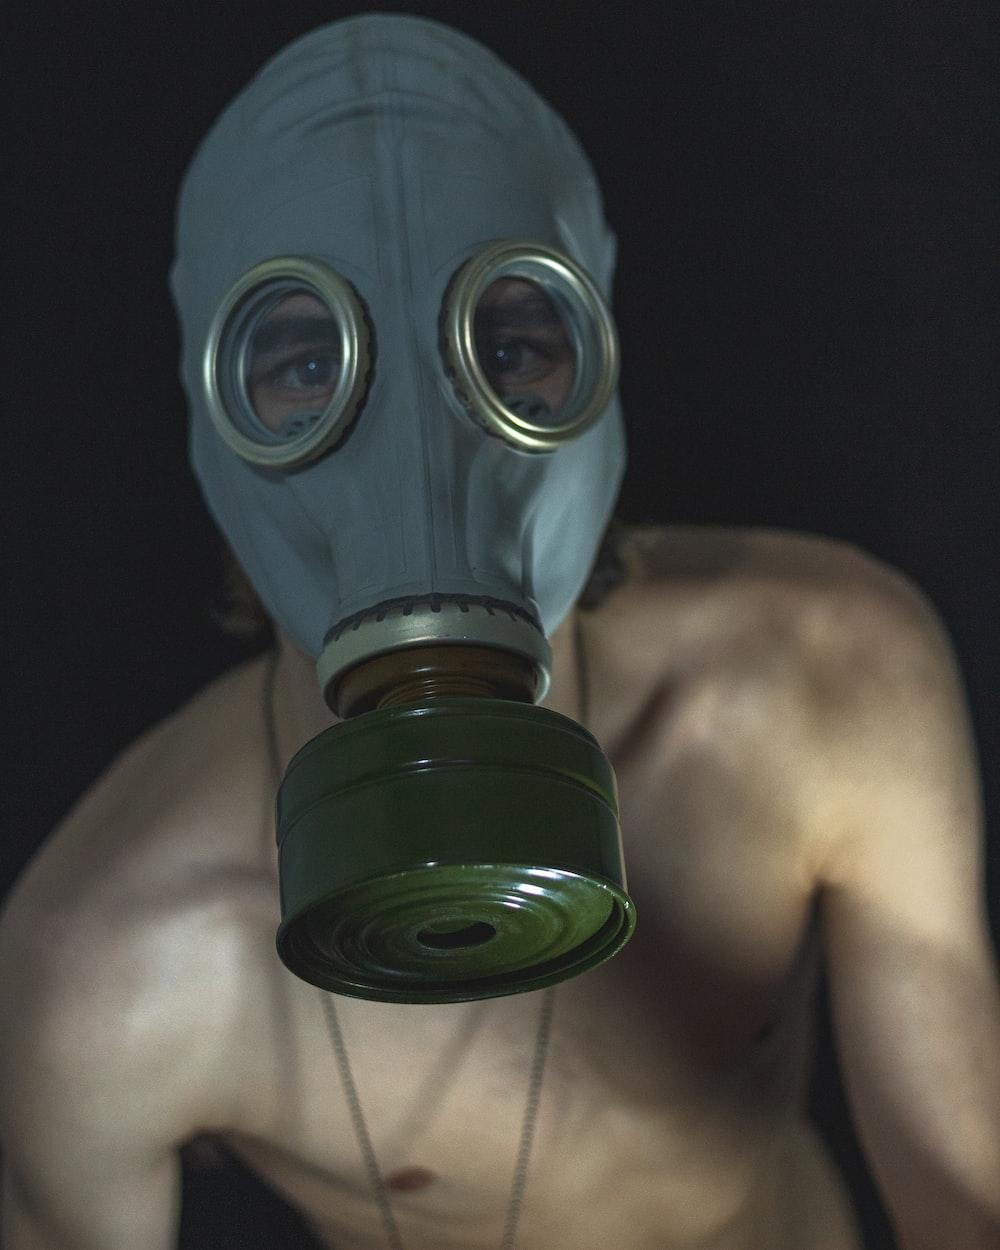 topless man wearing black gas mask